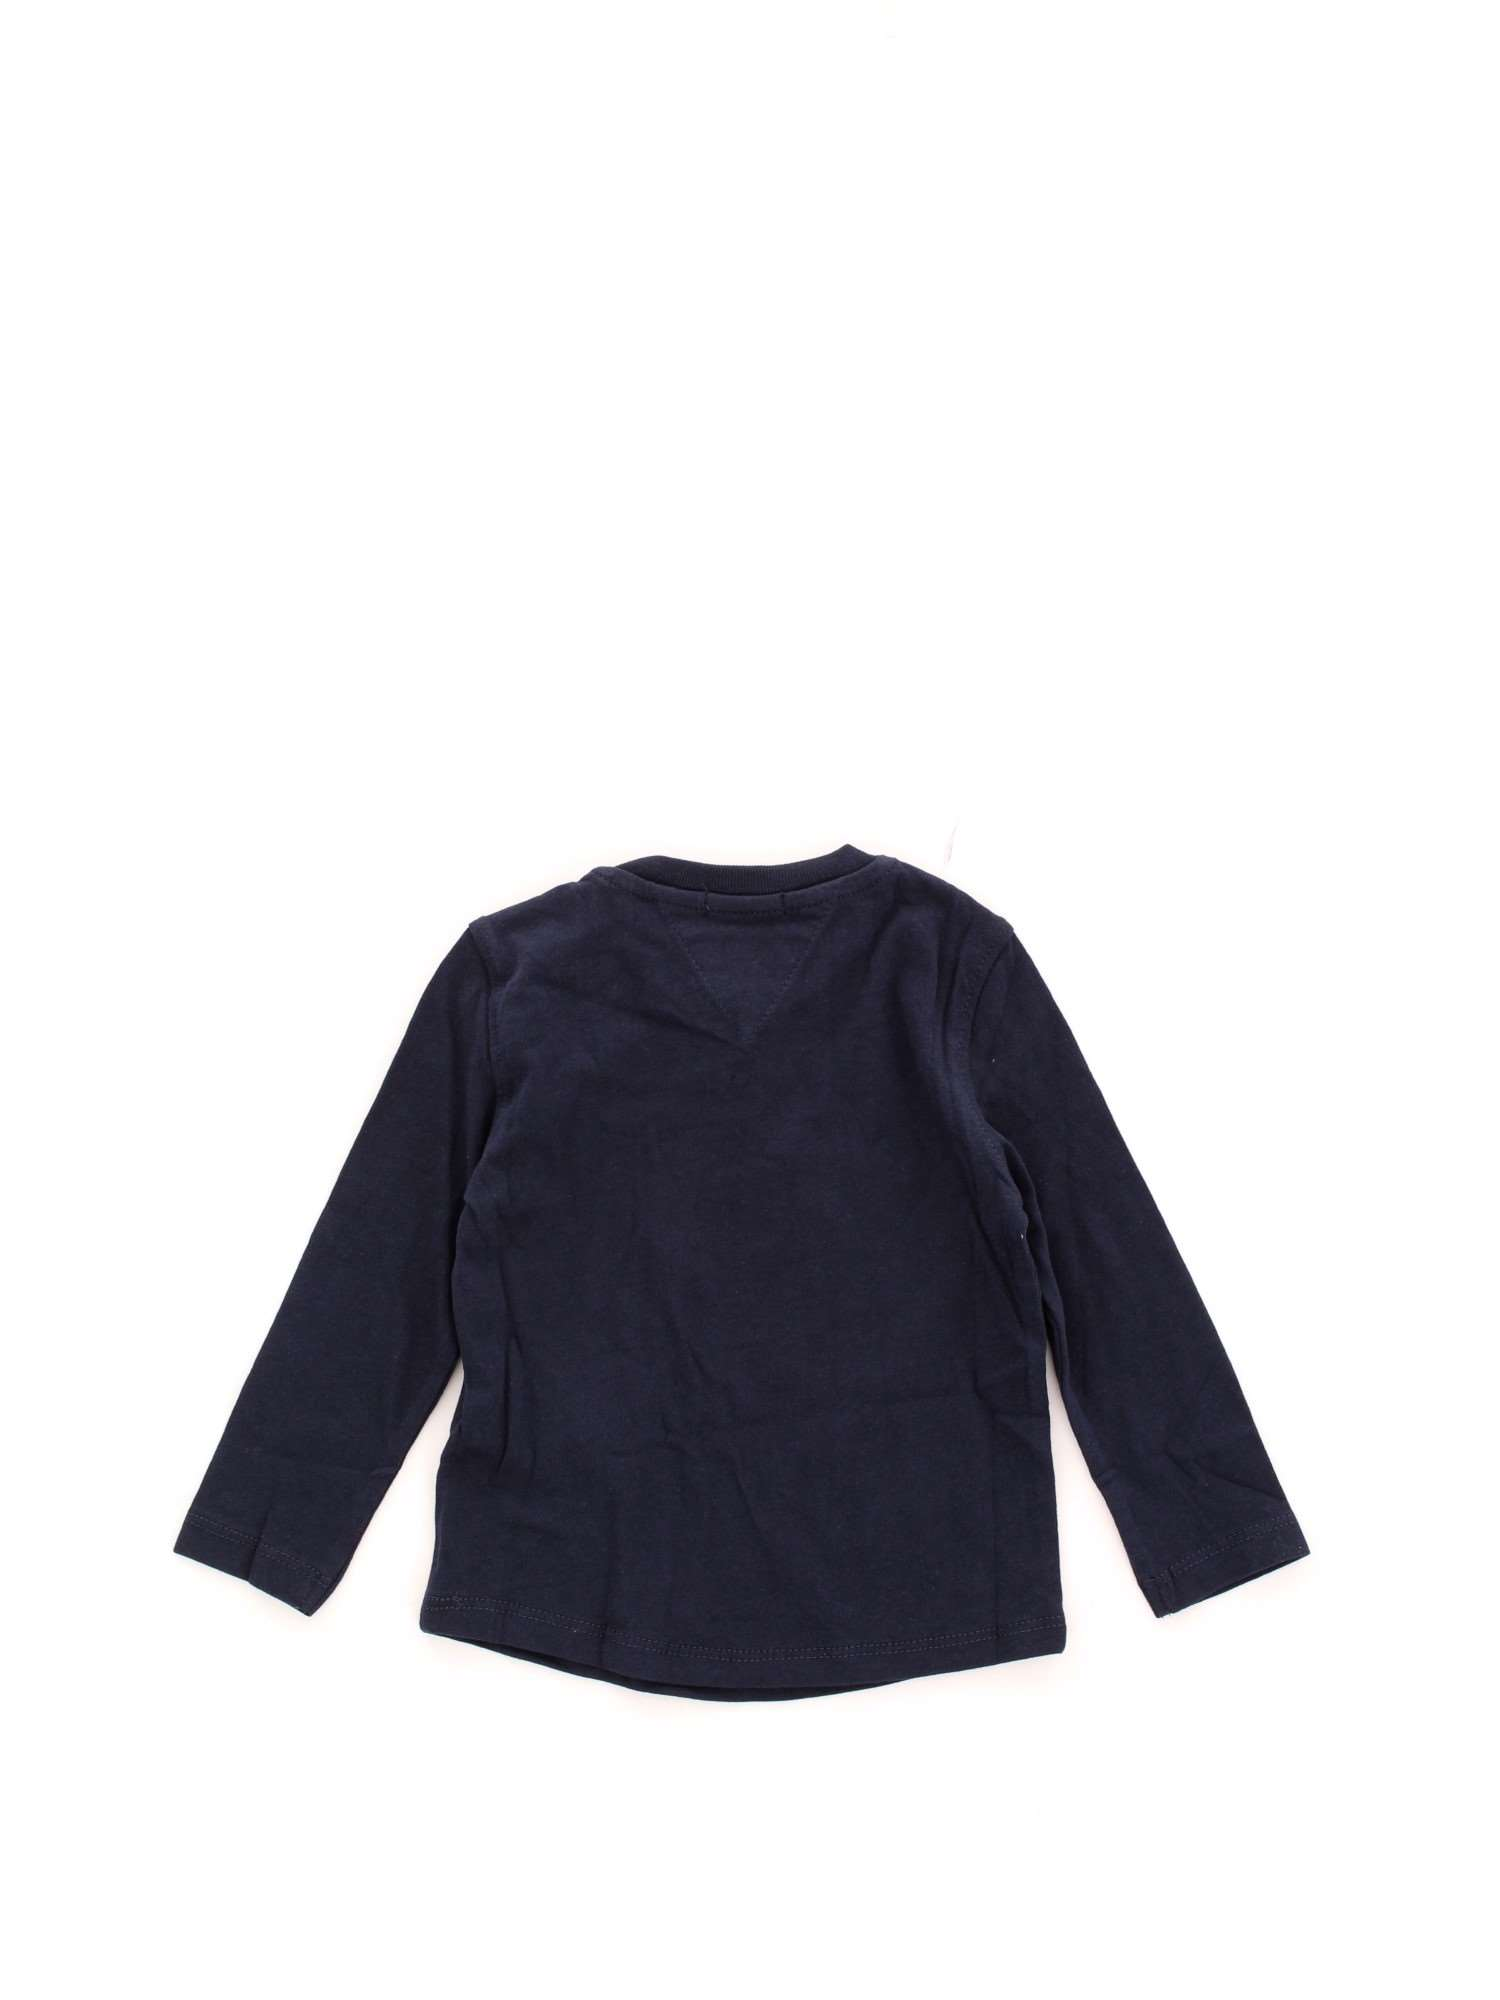 025b440b TOMMY HILFIGER Kids KB0KB04534 1 Black iris-002 T-shirt Spring ...